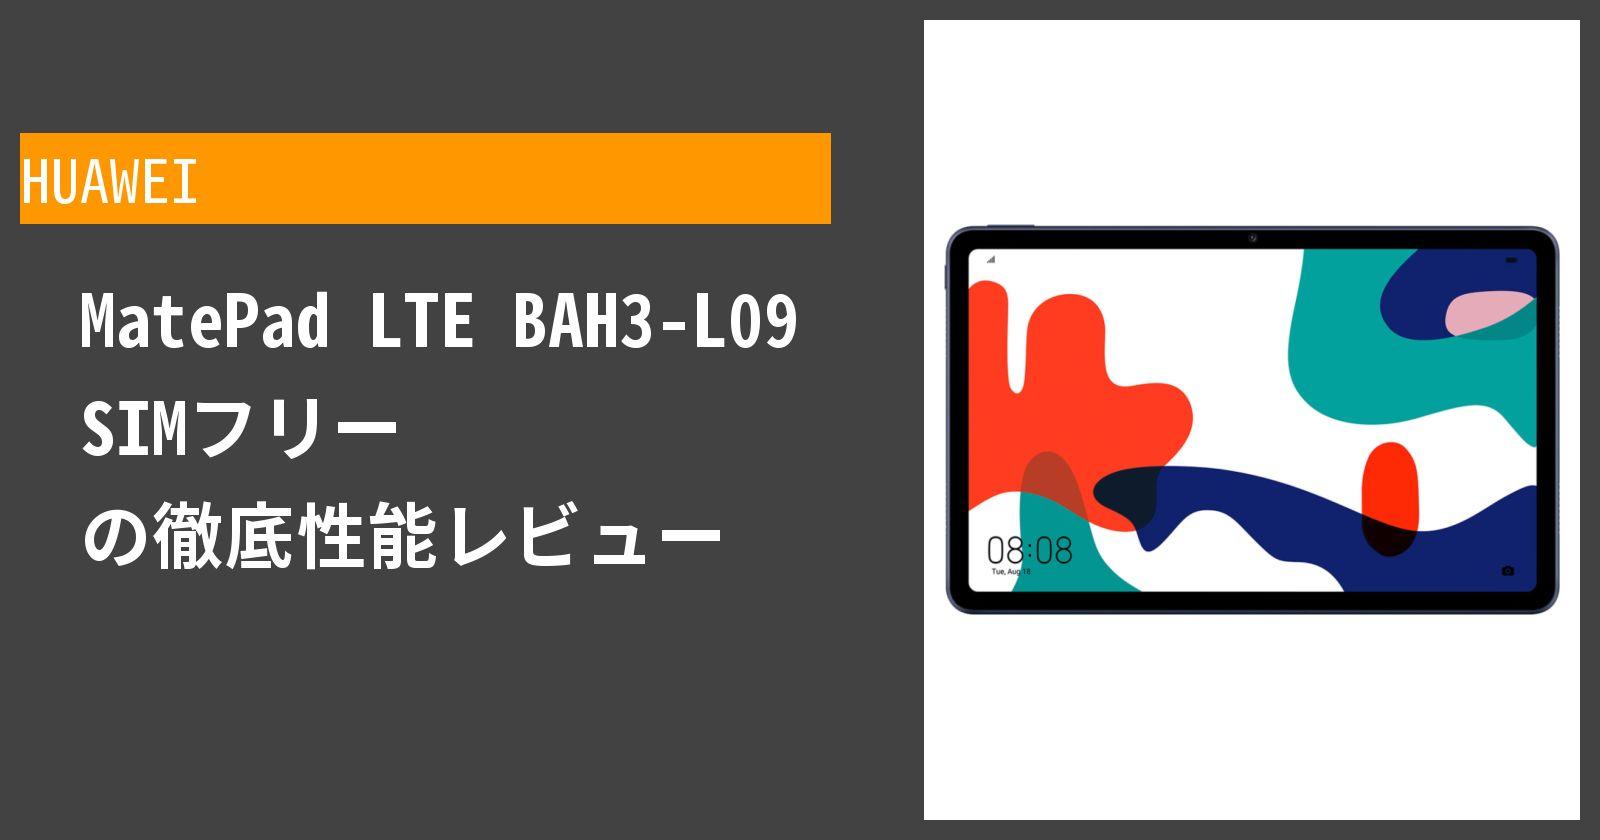 MatePad LTE BAH3-L09 SIMフリー の徹底性能レビュー